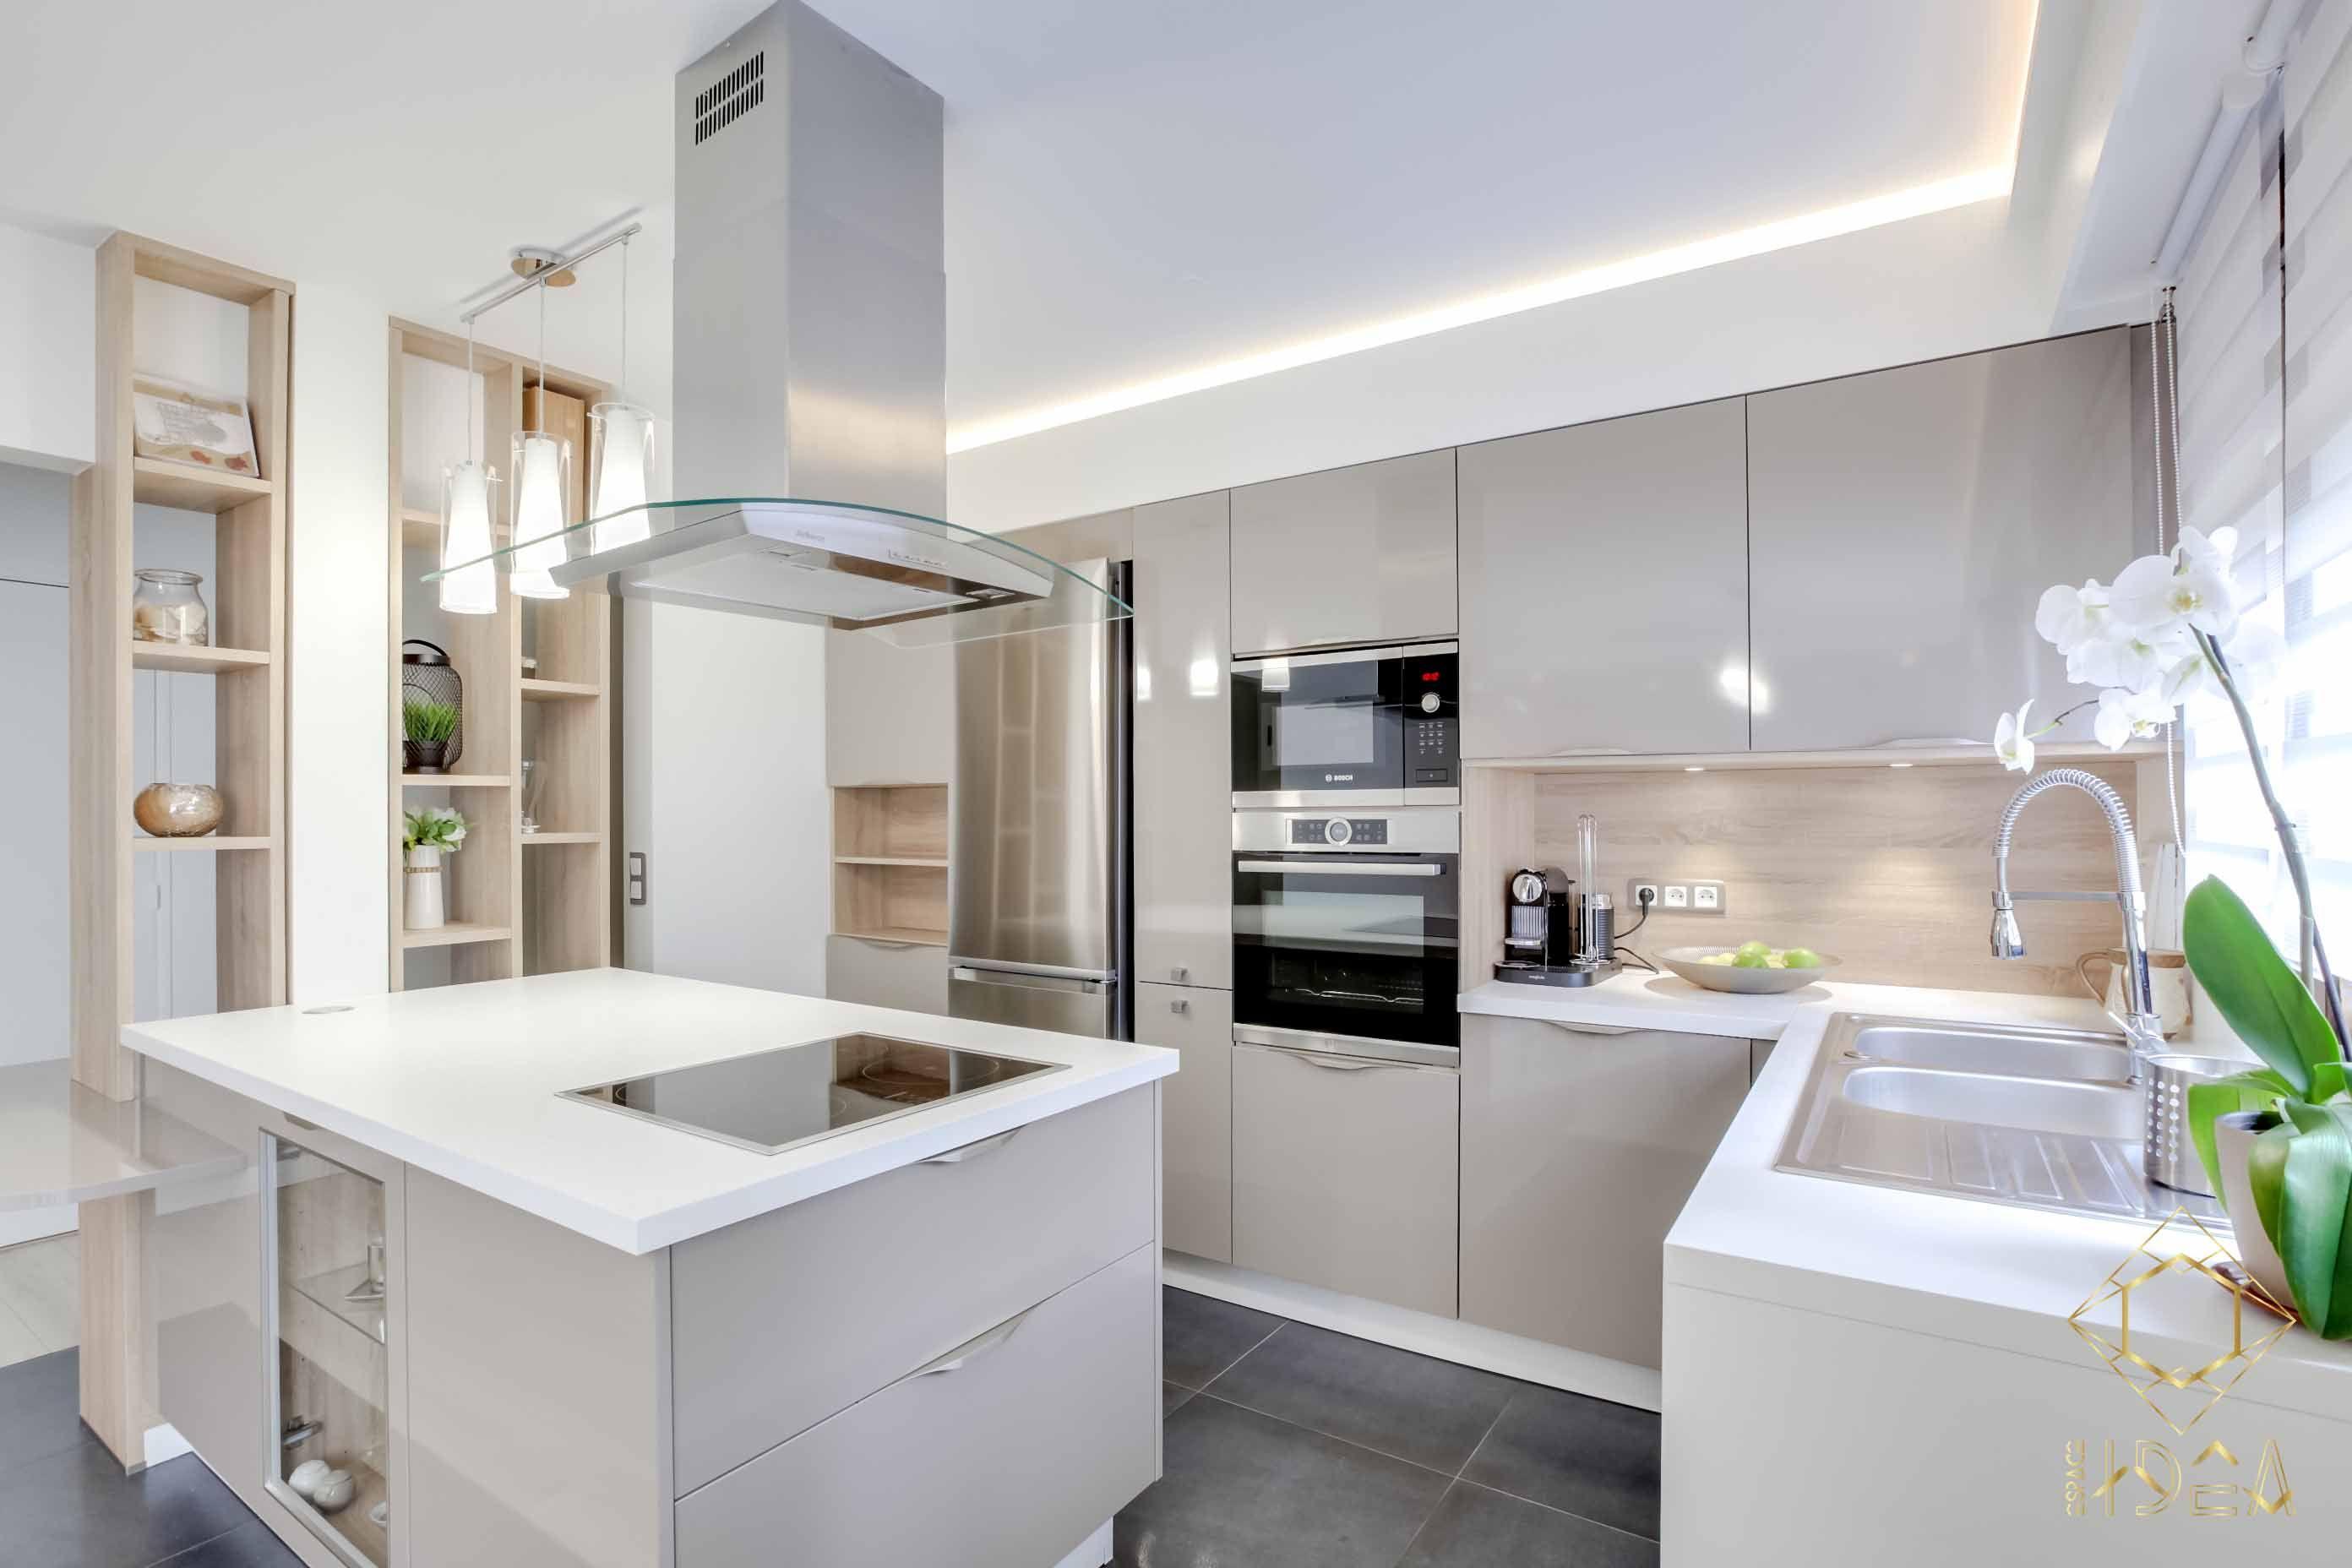 appartement aux d limitations pur es by espace idea ambiance pur e et cocooning naturel la. Black Bedroom Furniture Sets. Home Design Ideas